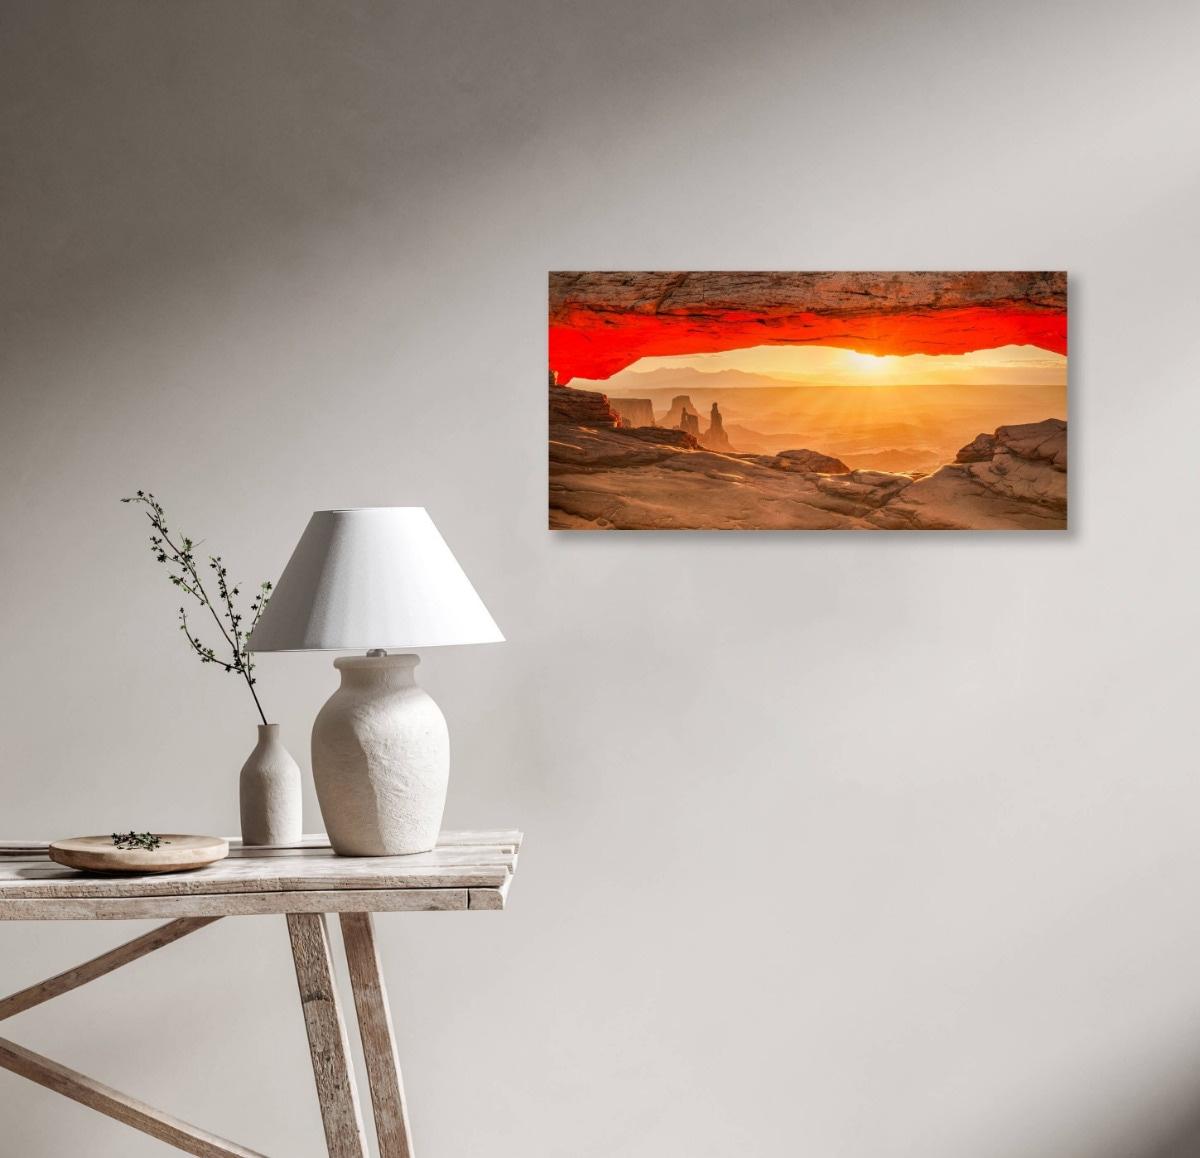 Mesa Arch Sune Flare 2